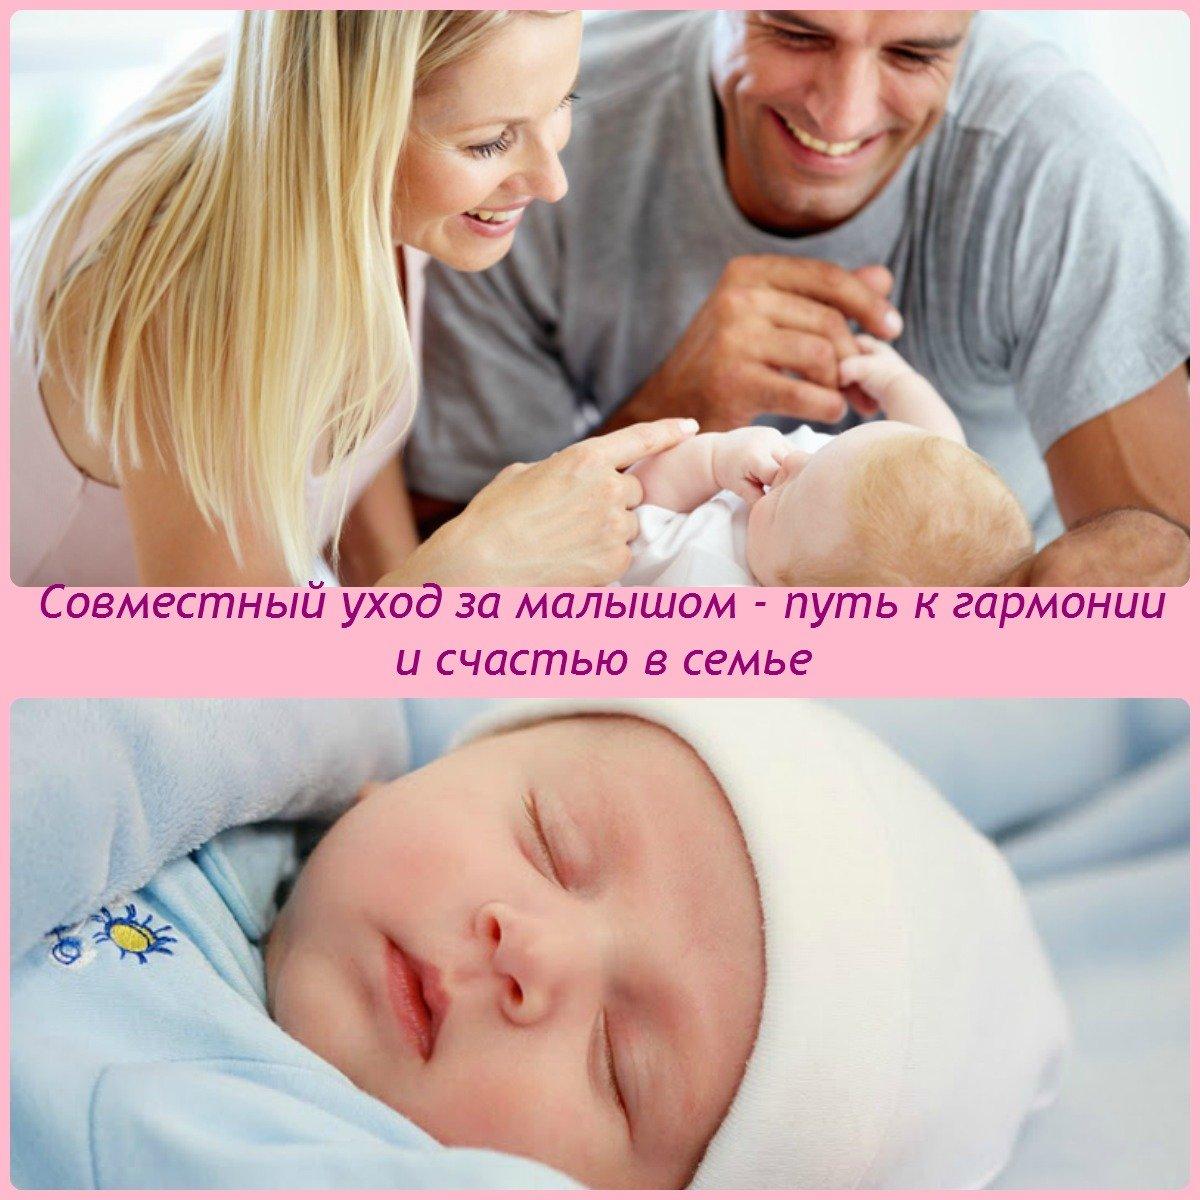 Правила ухода за новорожденным ребенком